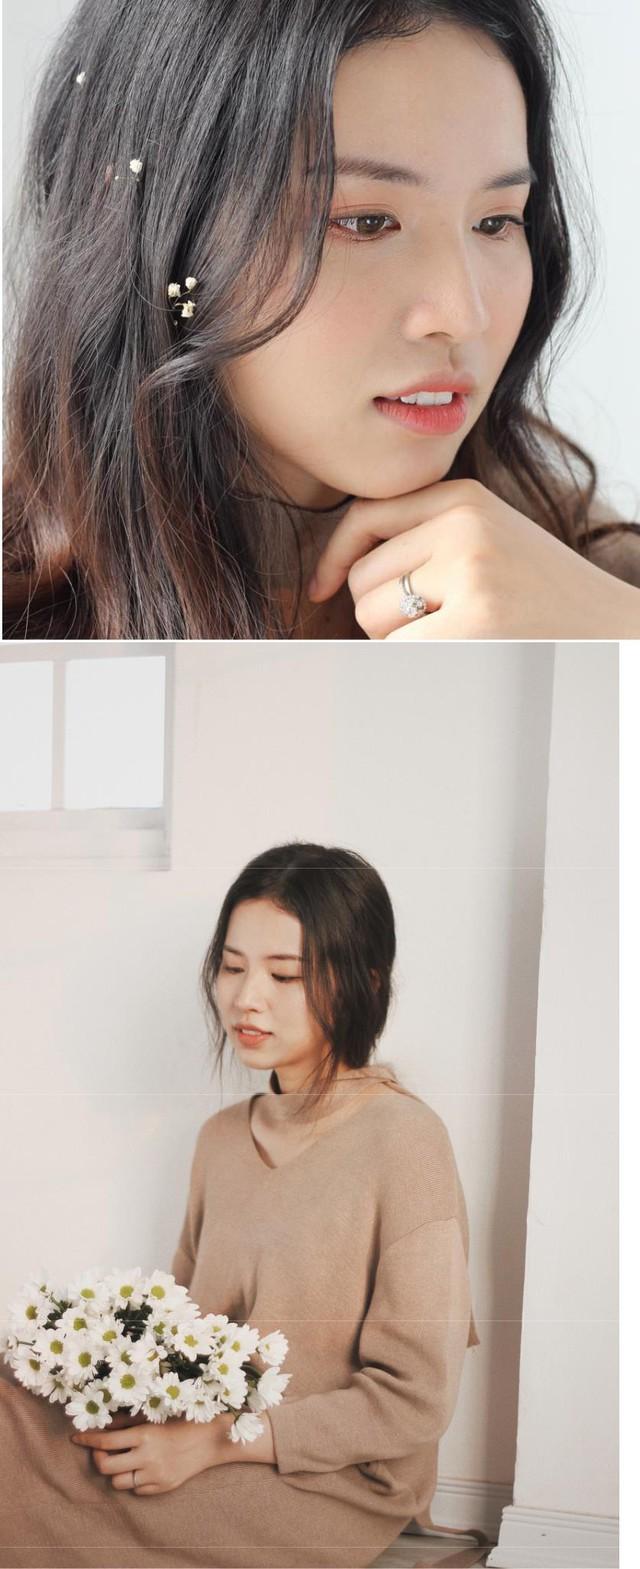 Ít ai biết, Hoa hậu Hương Giang còn có cô em họ vừa xinh vừa là giảng viên đại học tài năng thế này - Ảnh 8.